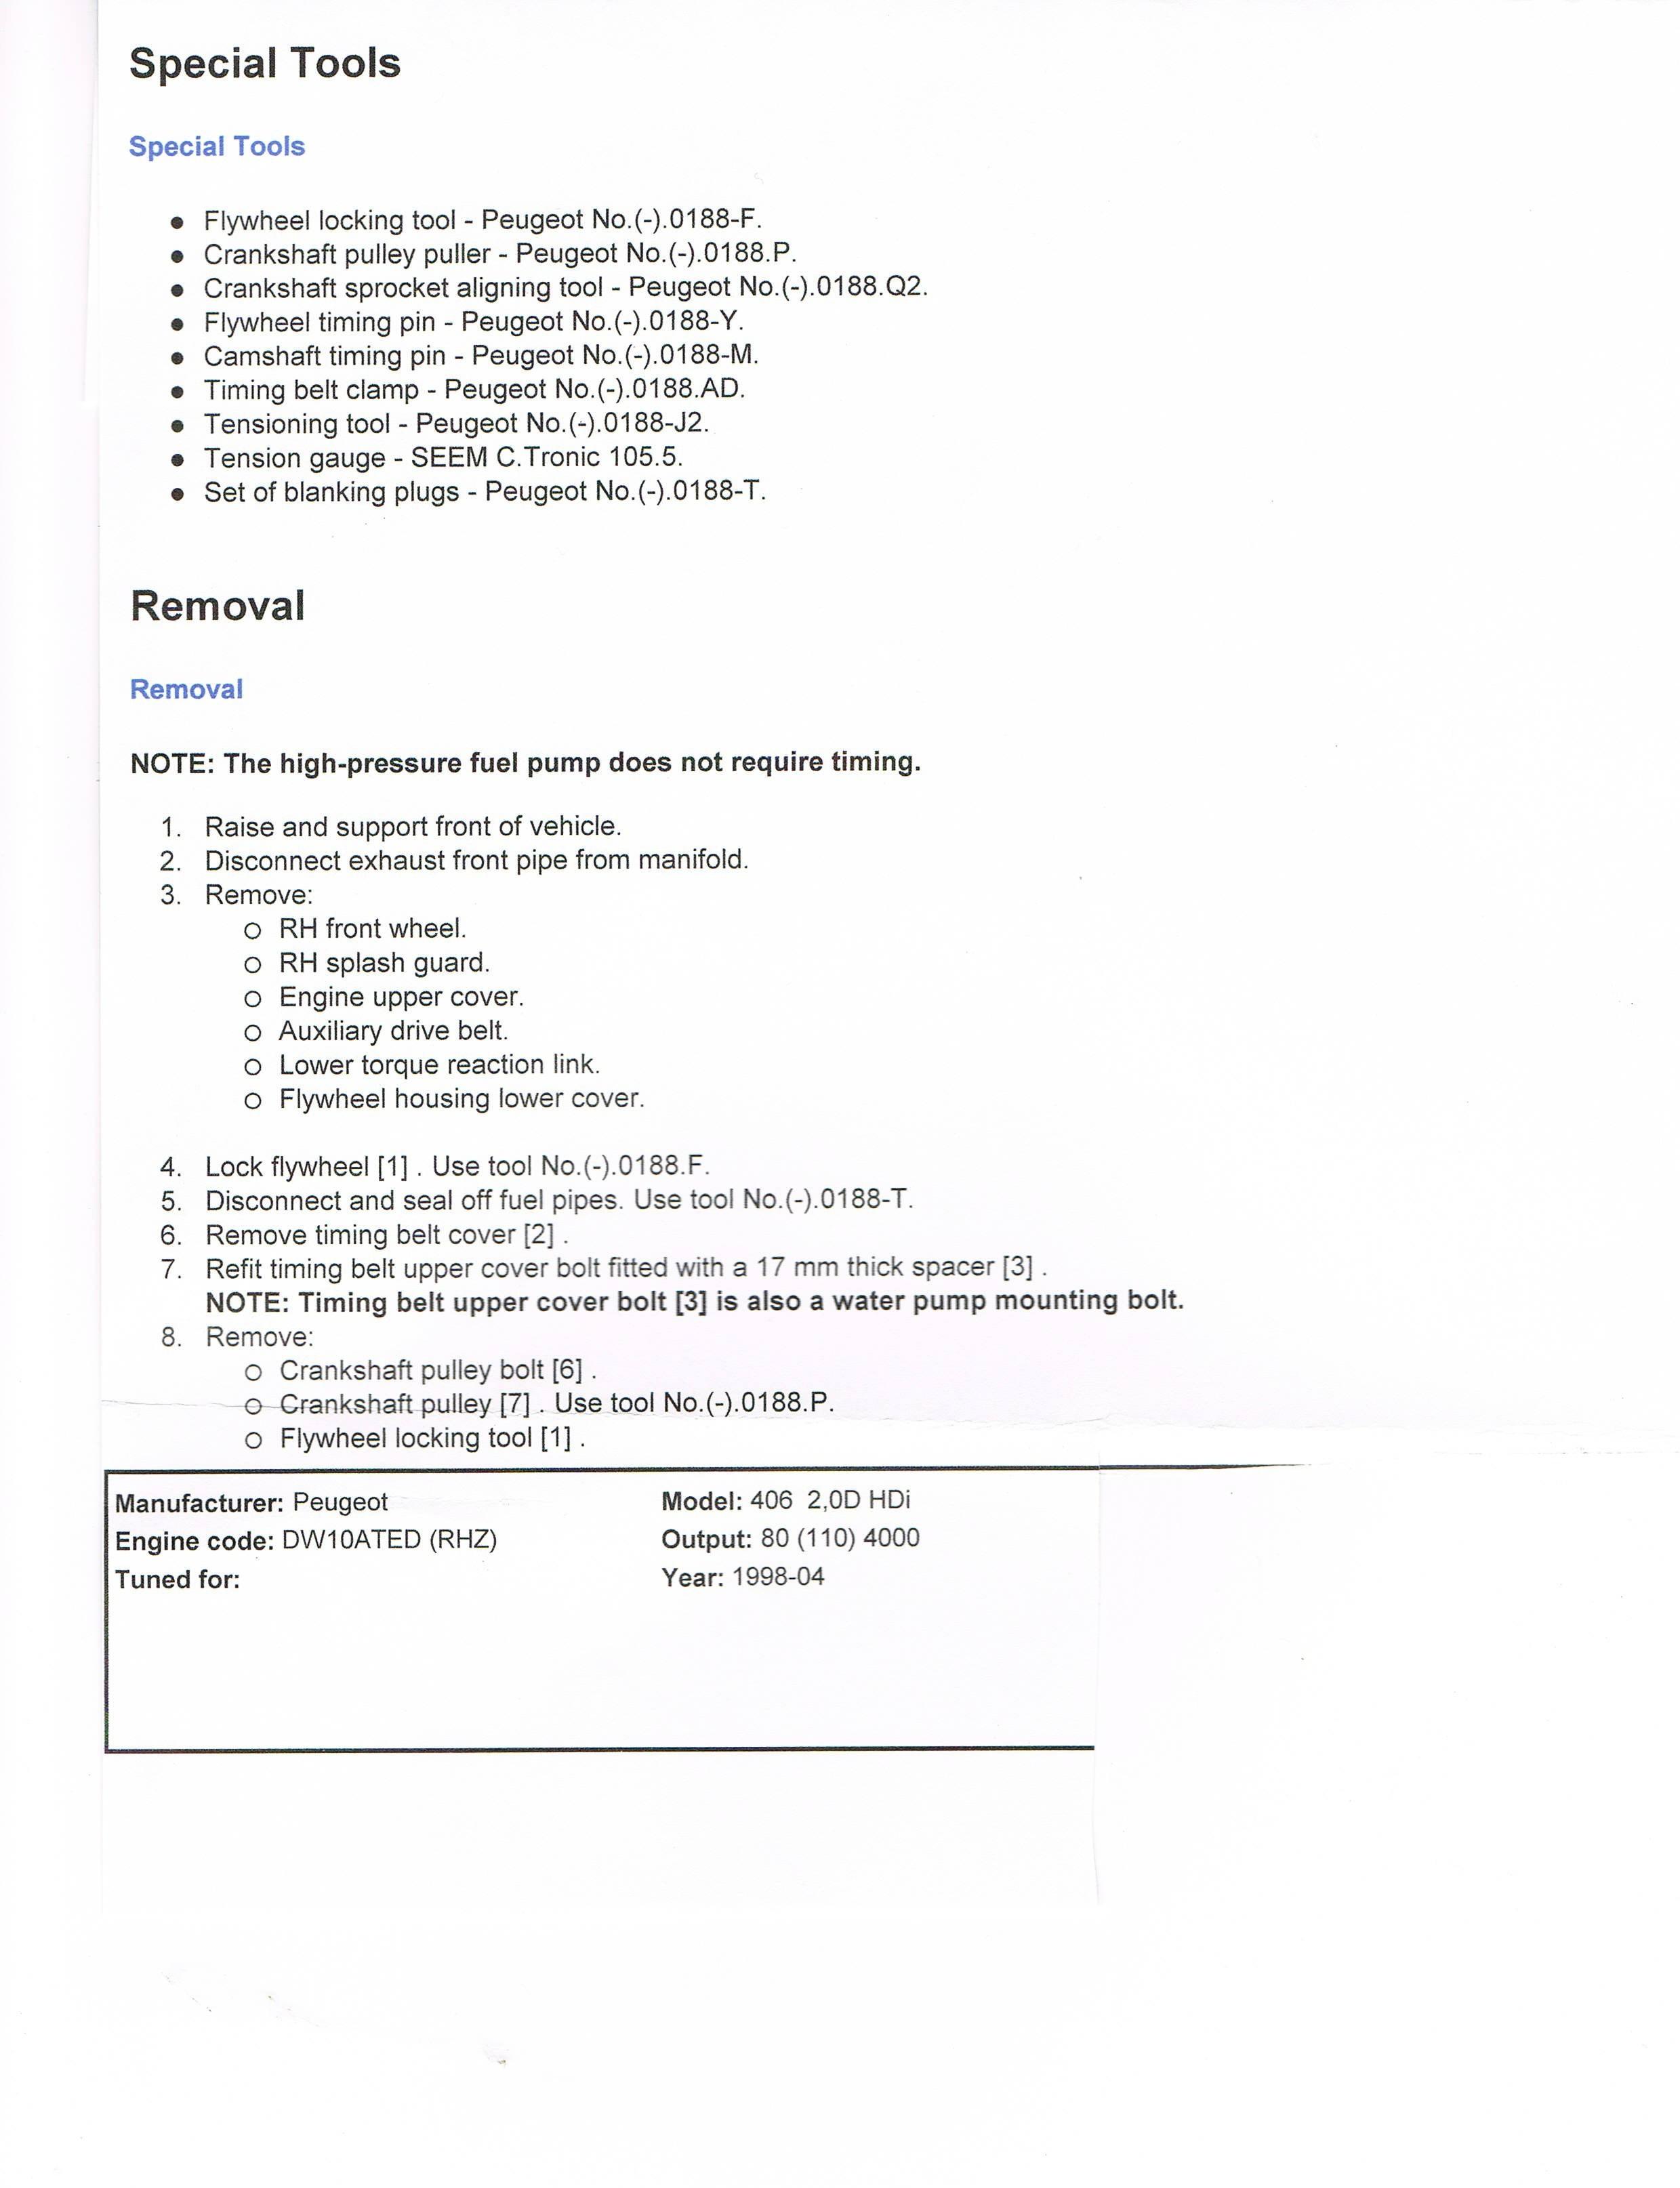 Verification Letter Template - Job Verification Letter Save Job Verification Letter Beautiful